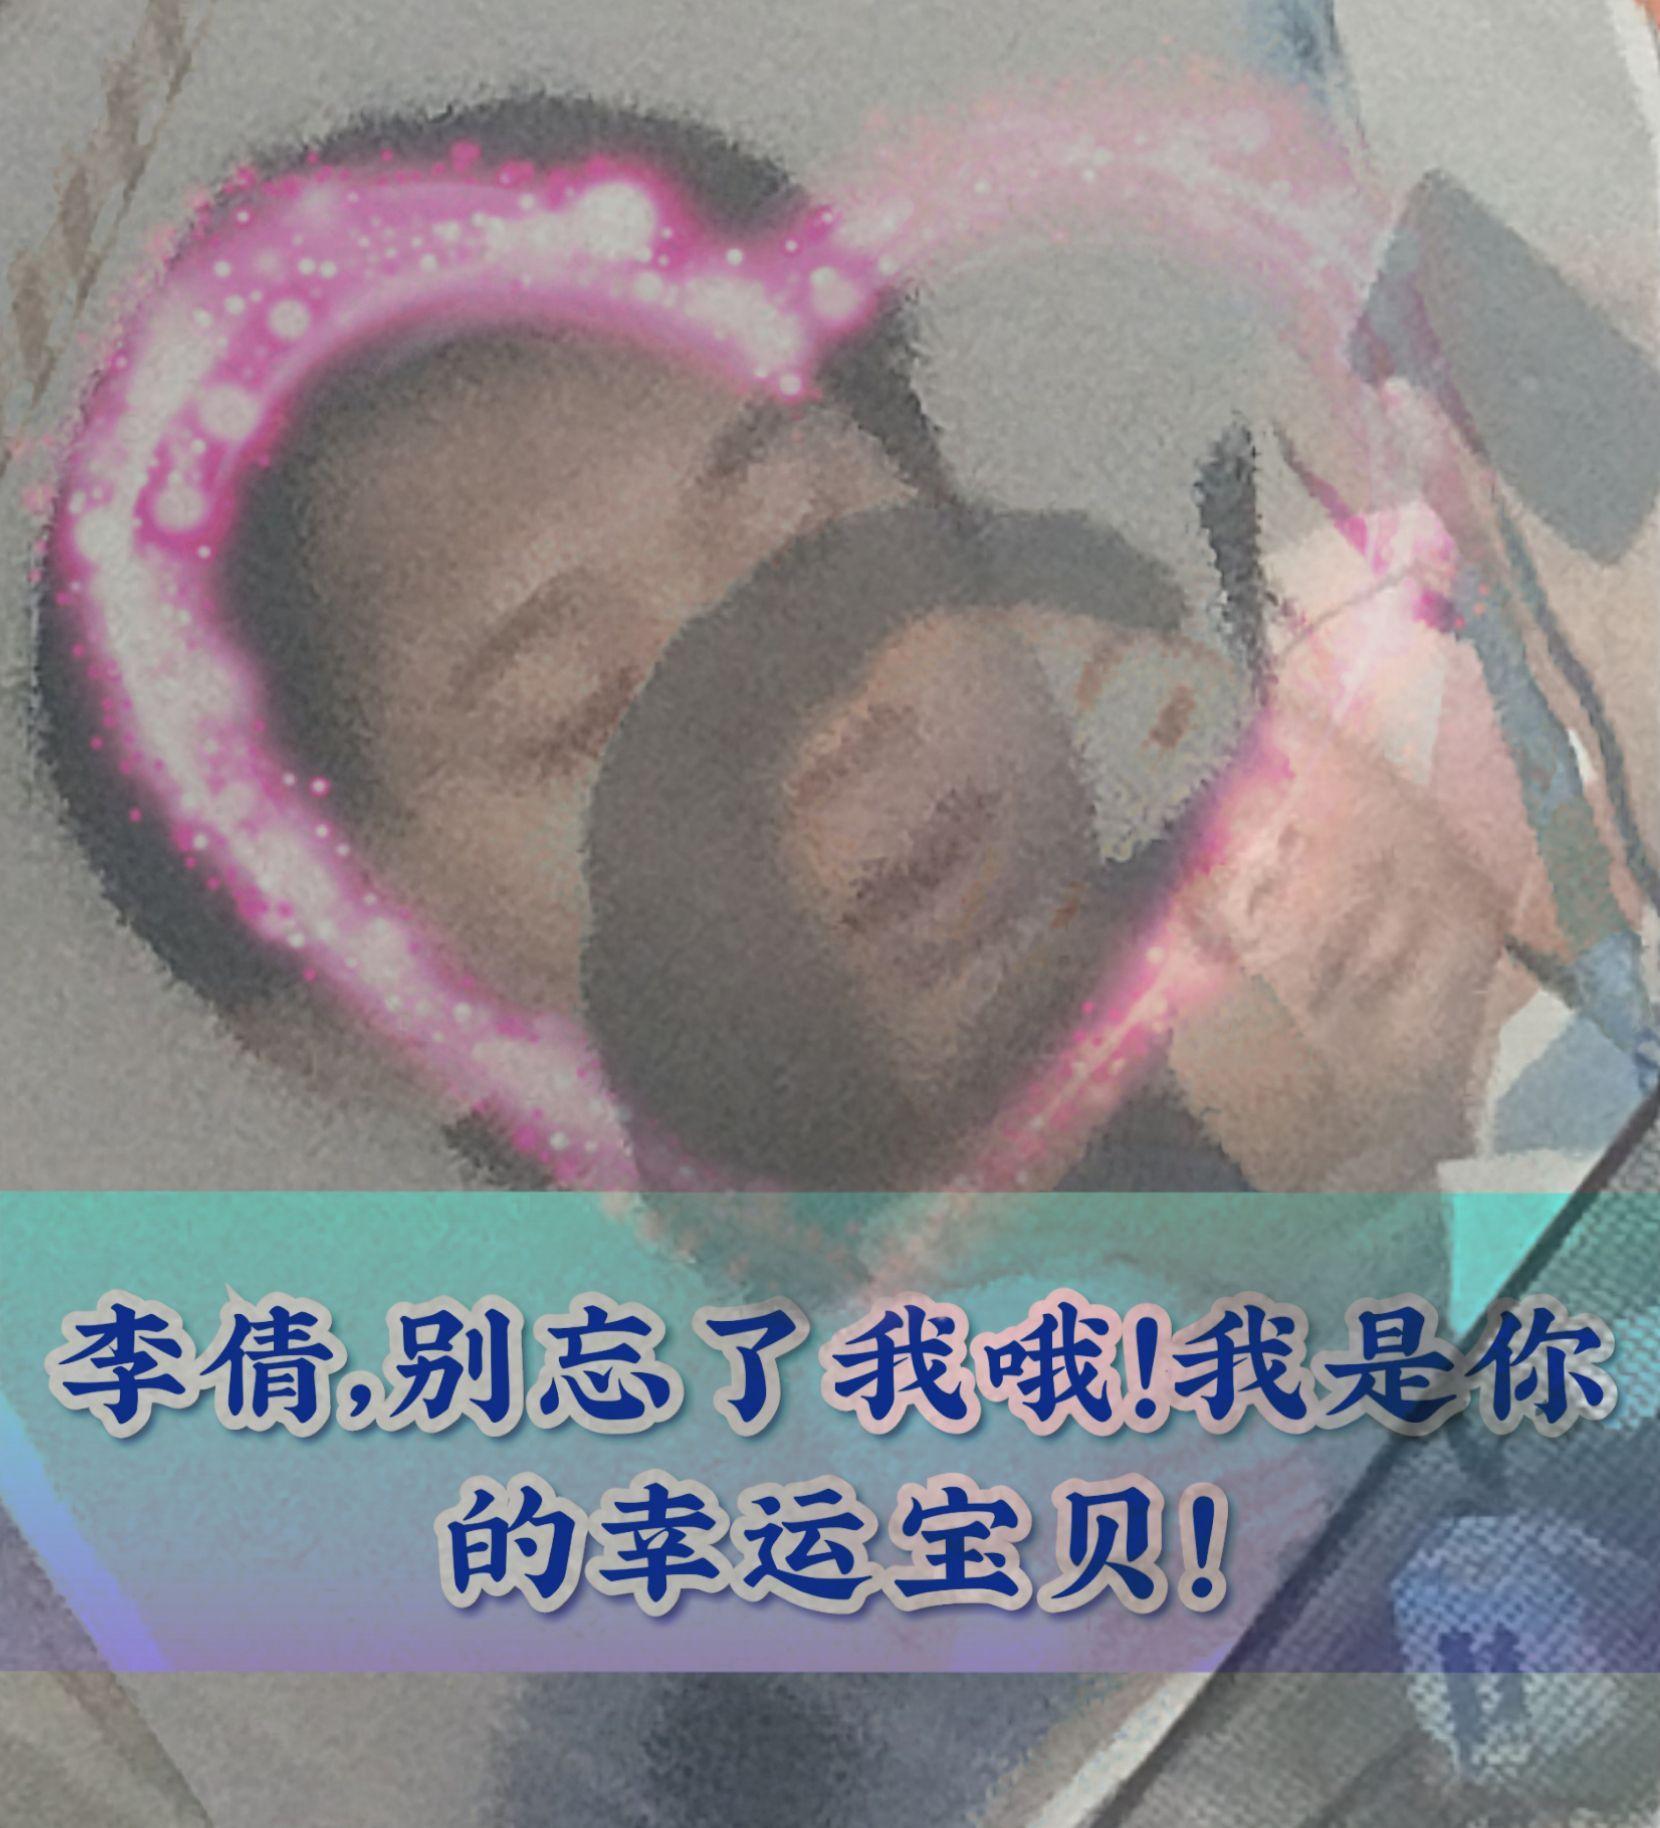 仙桃影视闫盼盼